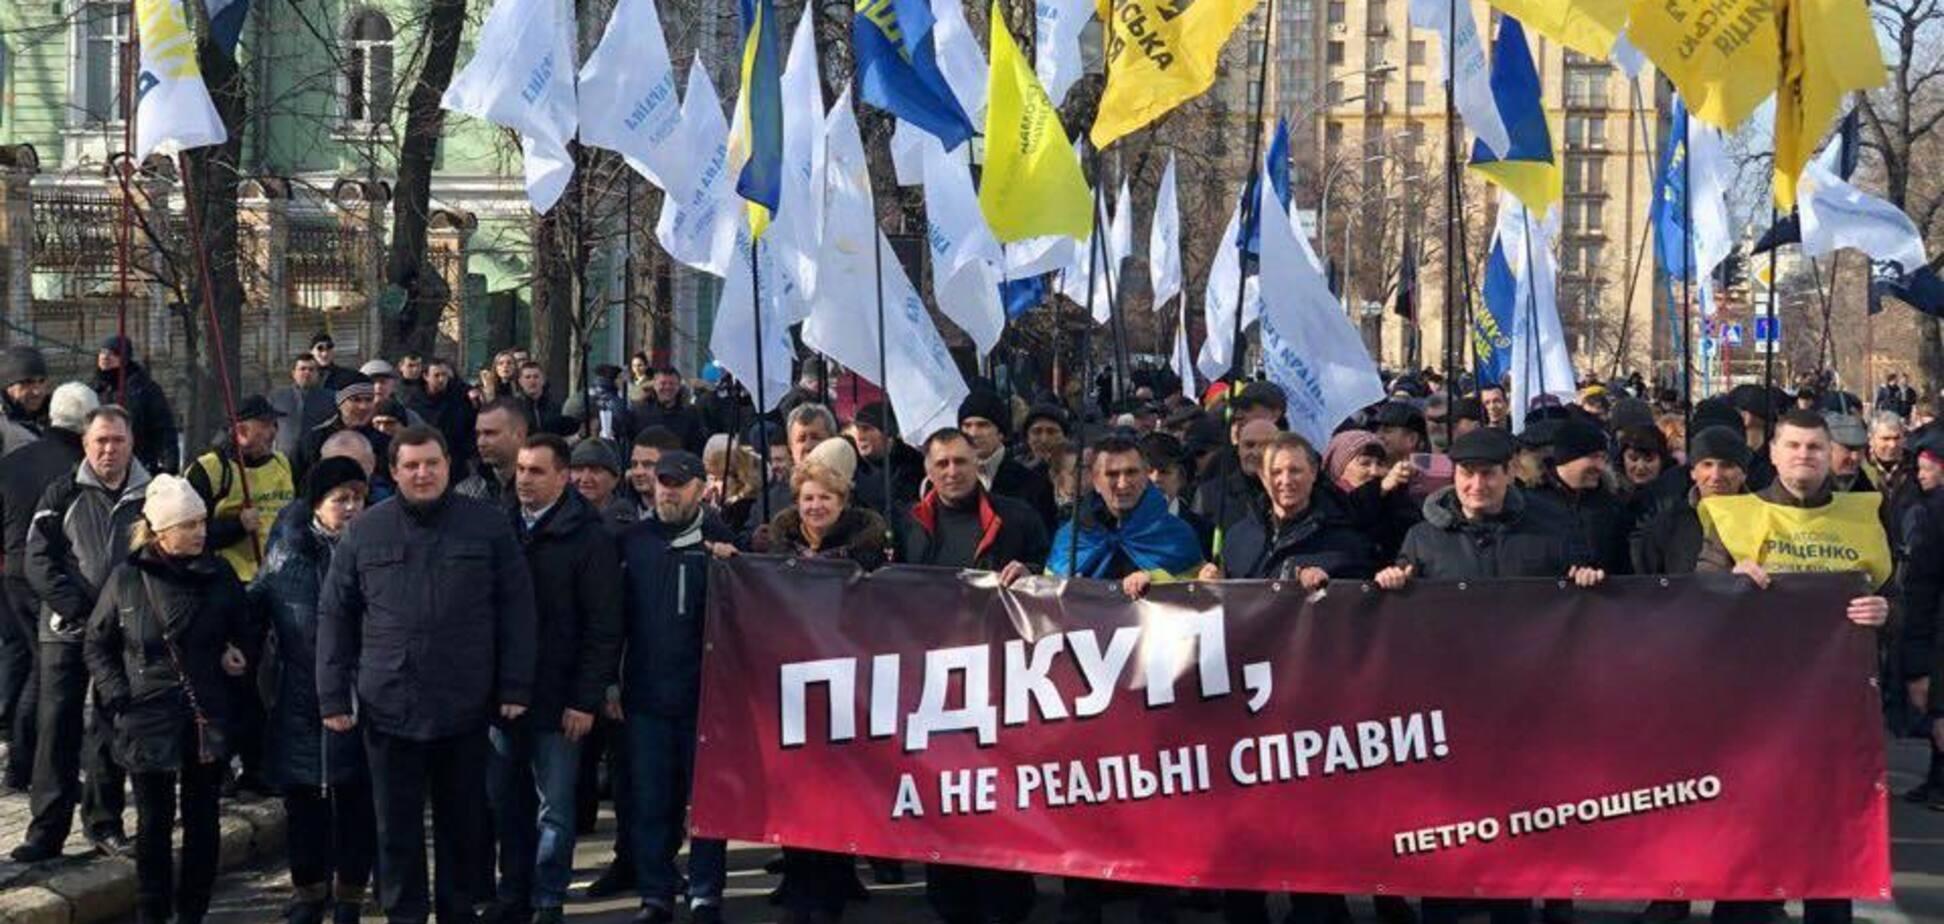 Сторонники Гриценко нагрянули на Банковую и обвинили Порошенко в подкупе избирателей